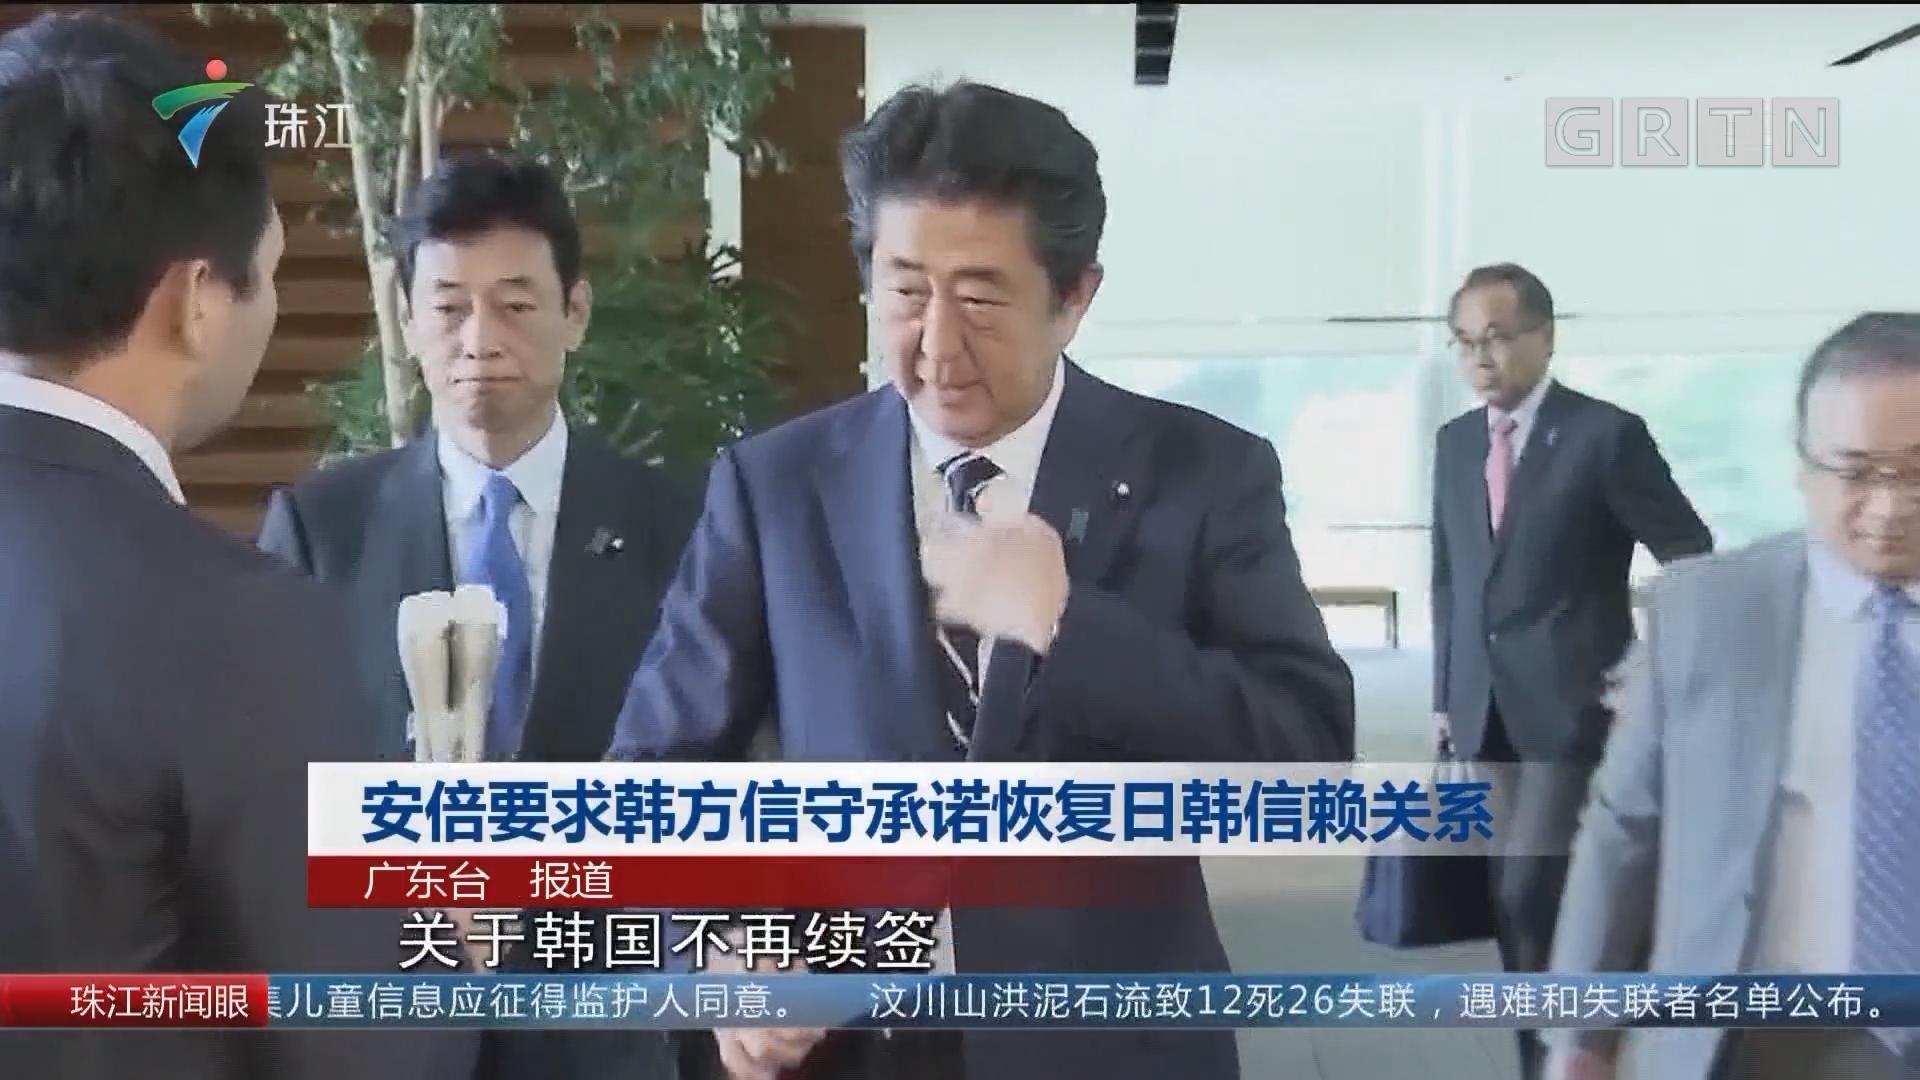 安倍要求韩方信守承诺恢复日韩信赖关系